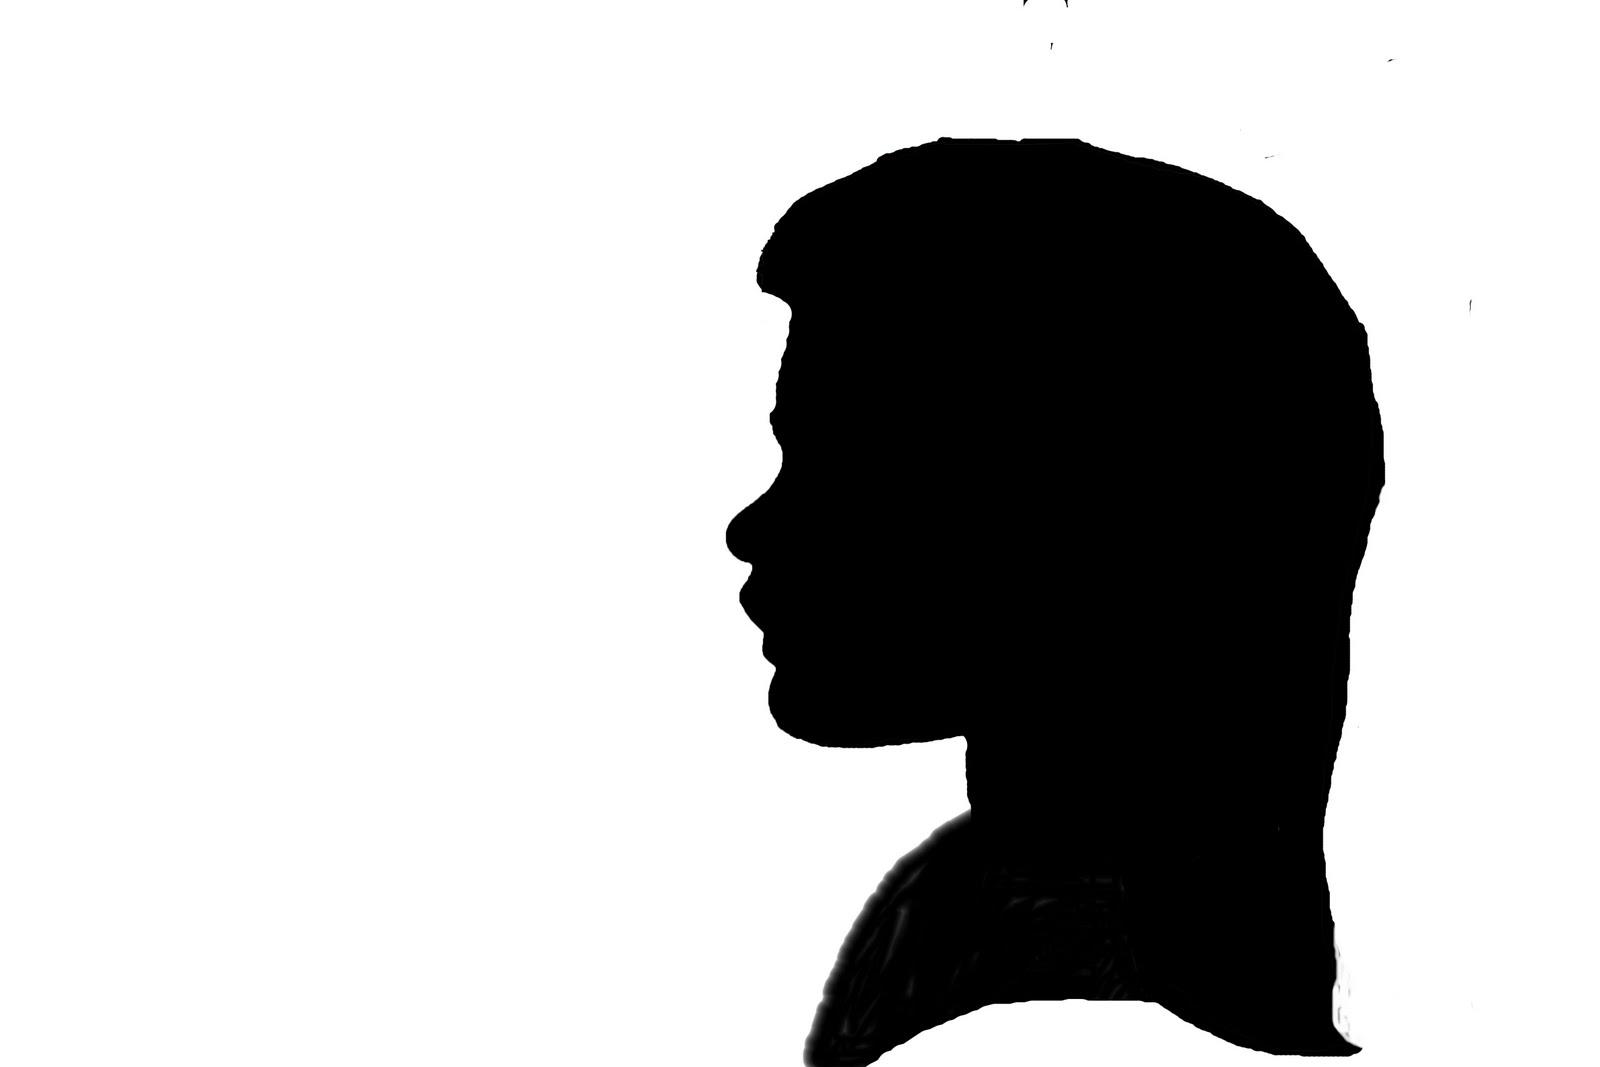 Profile clipart silhouette #14